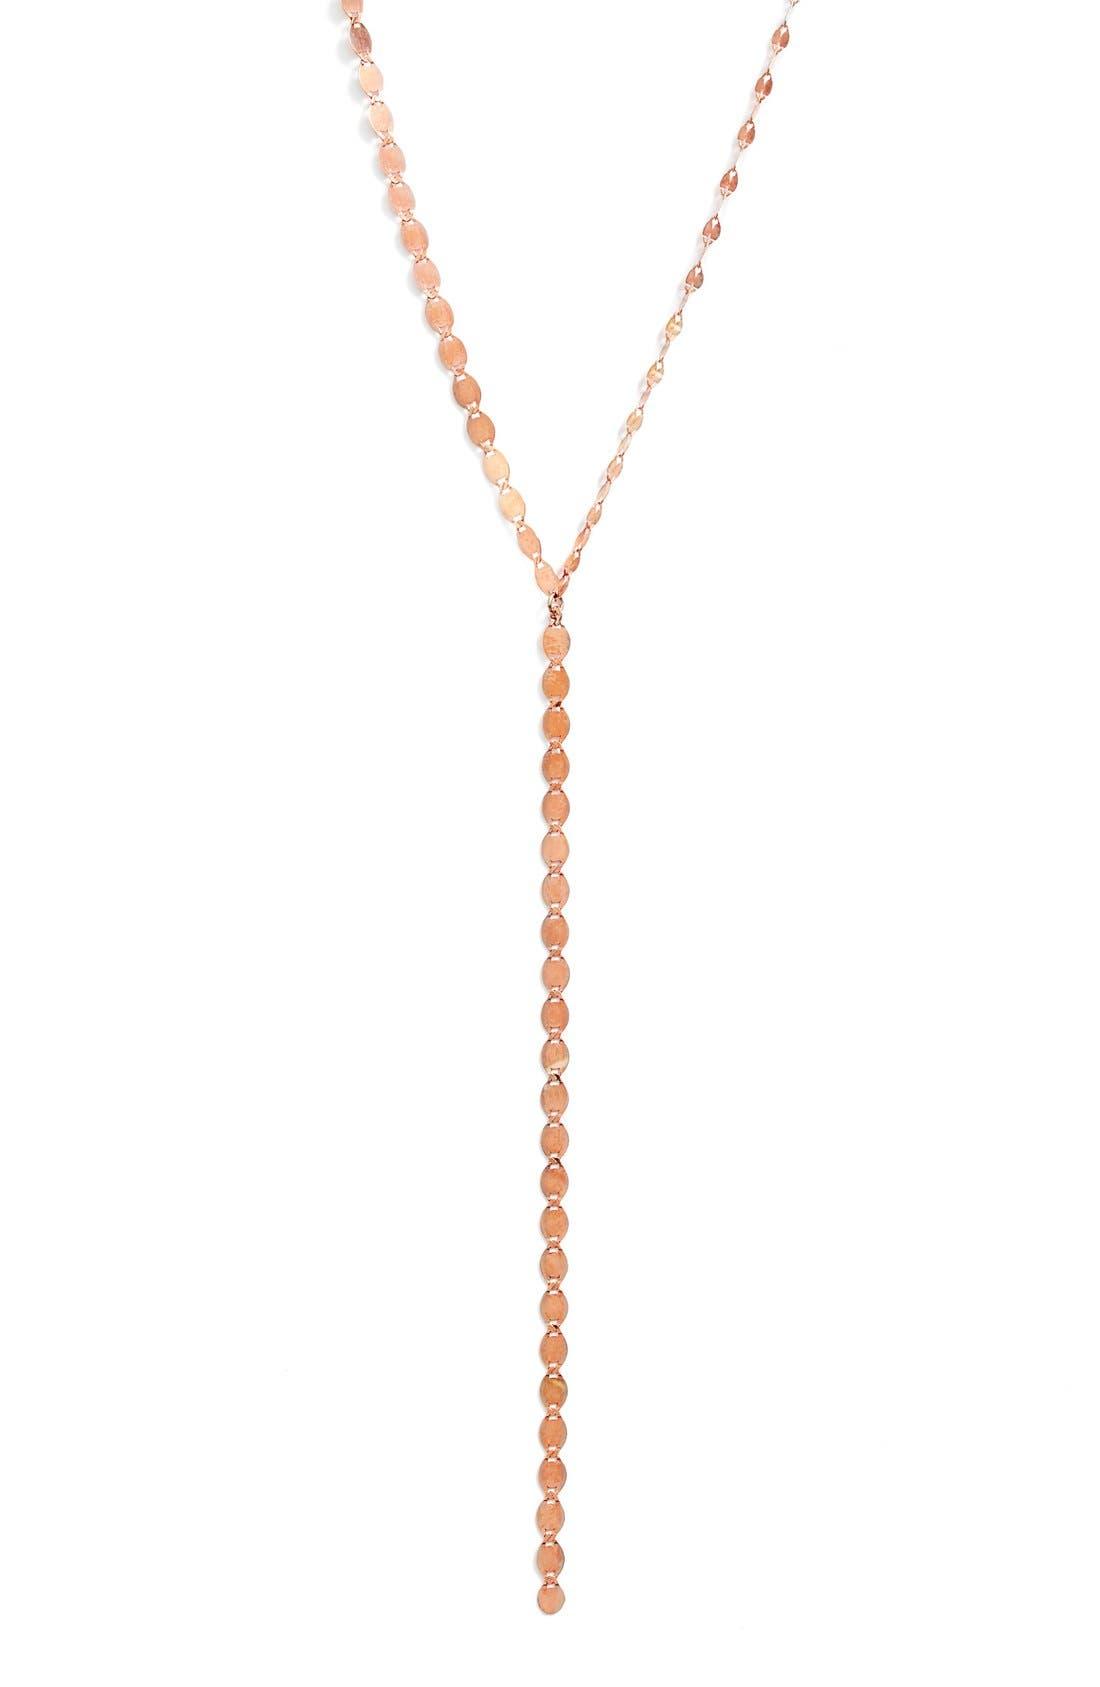 'Nude' Y-Necklace